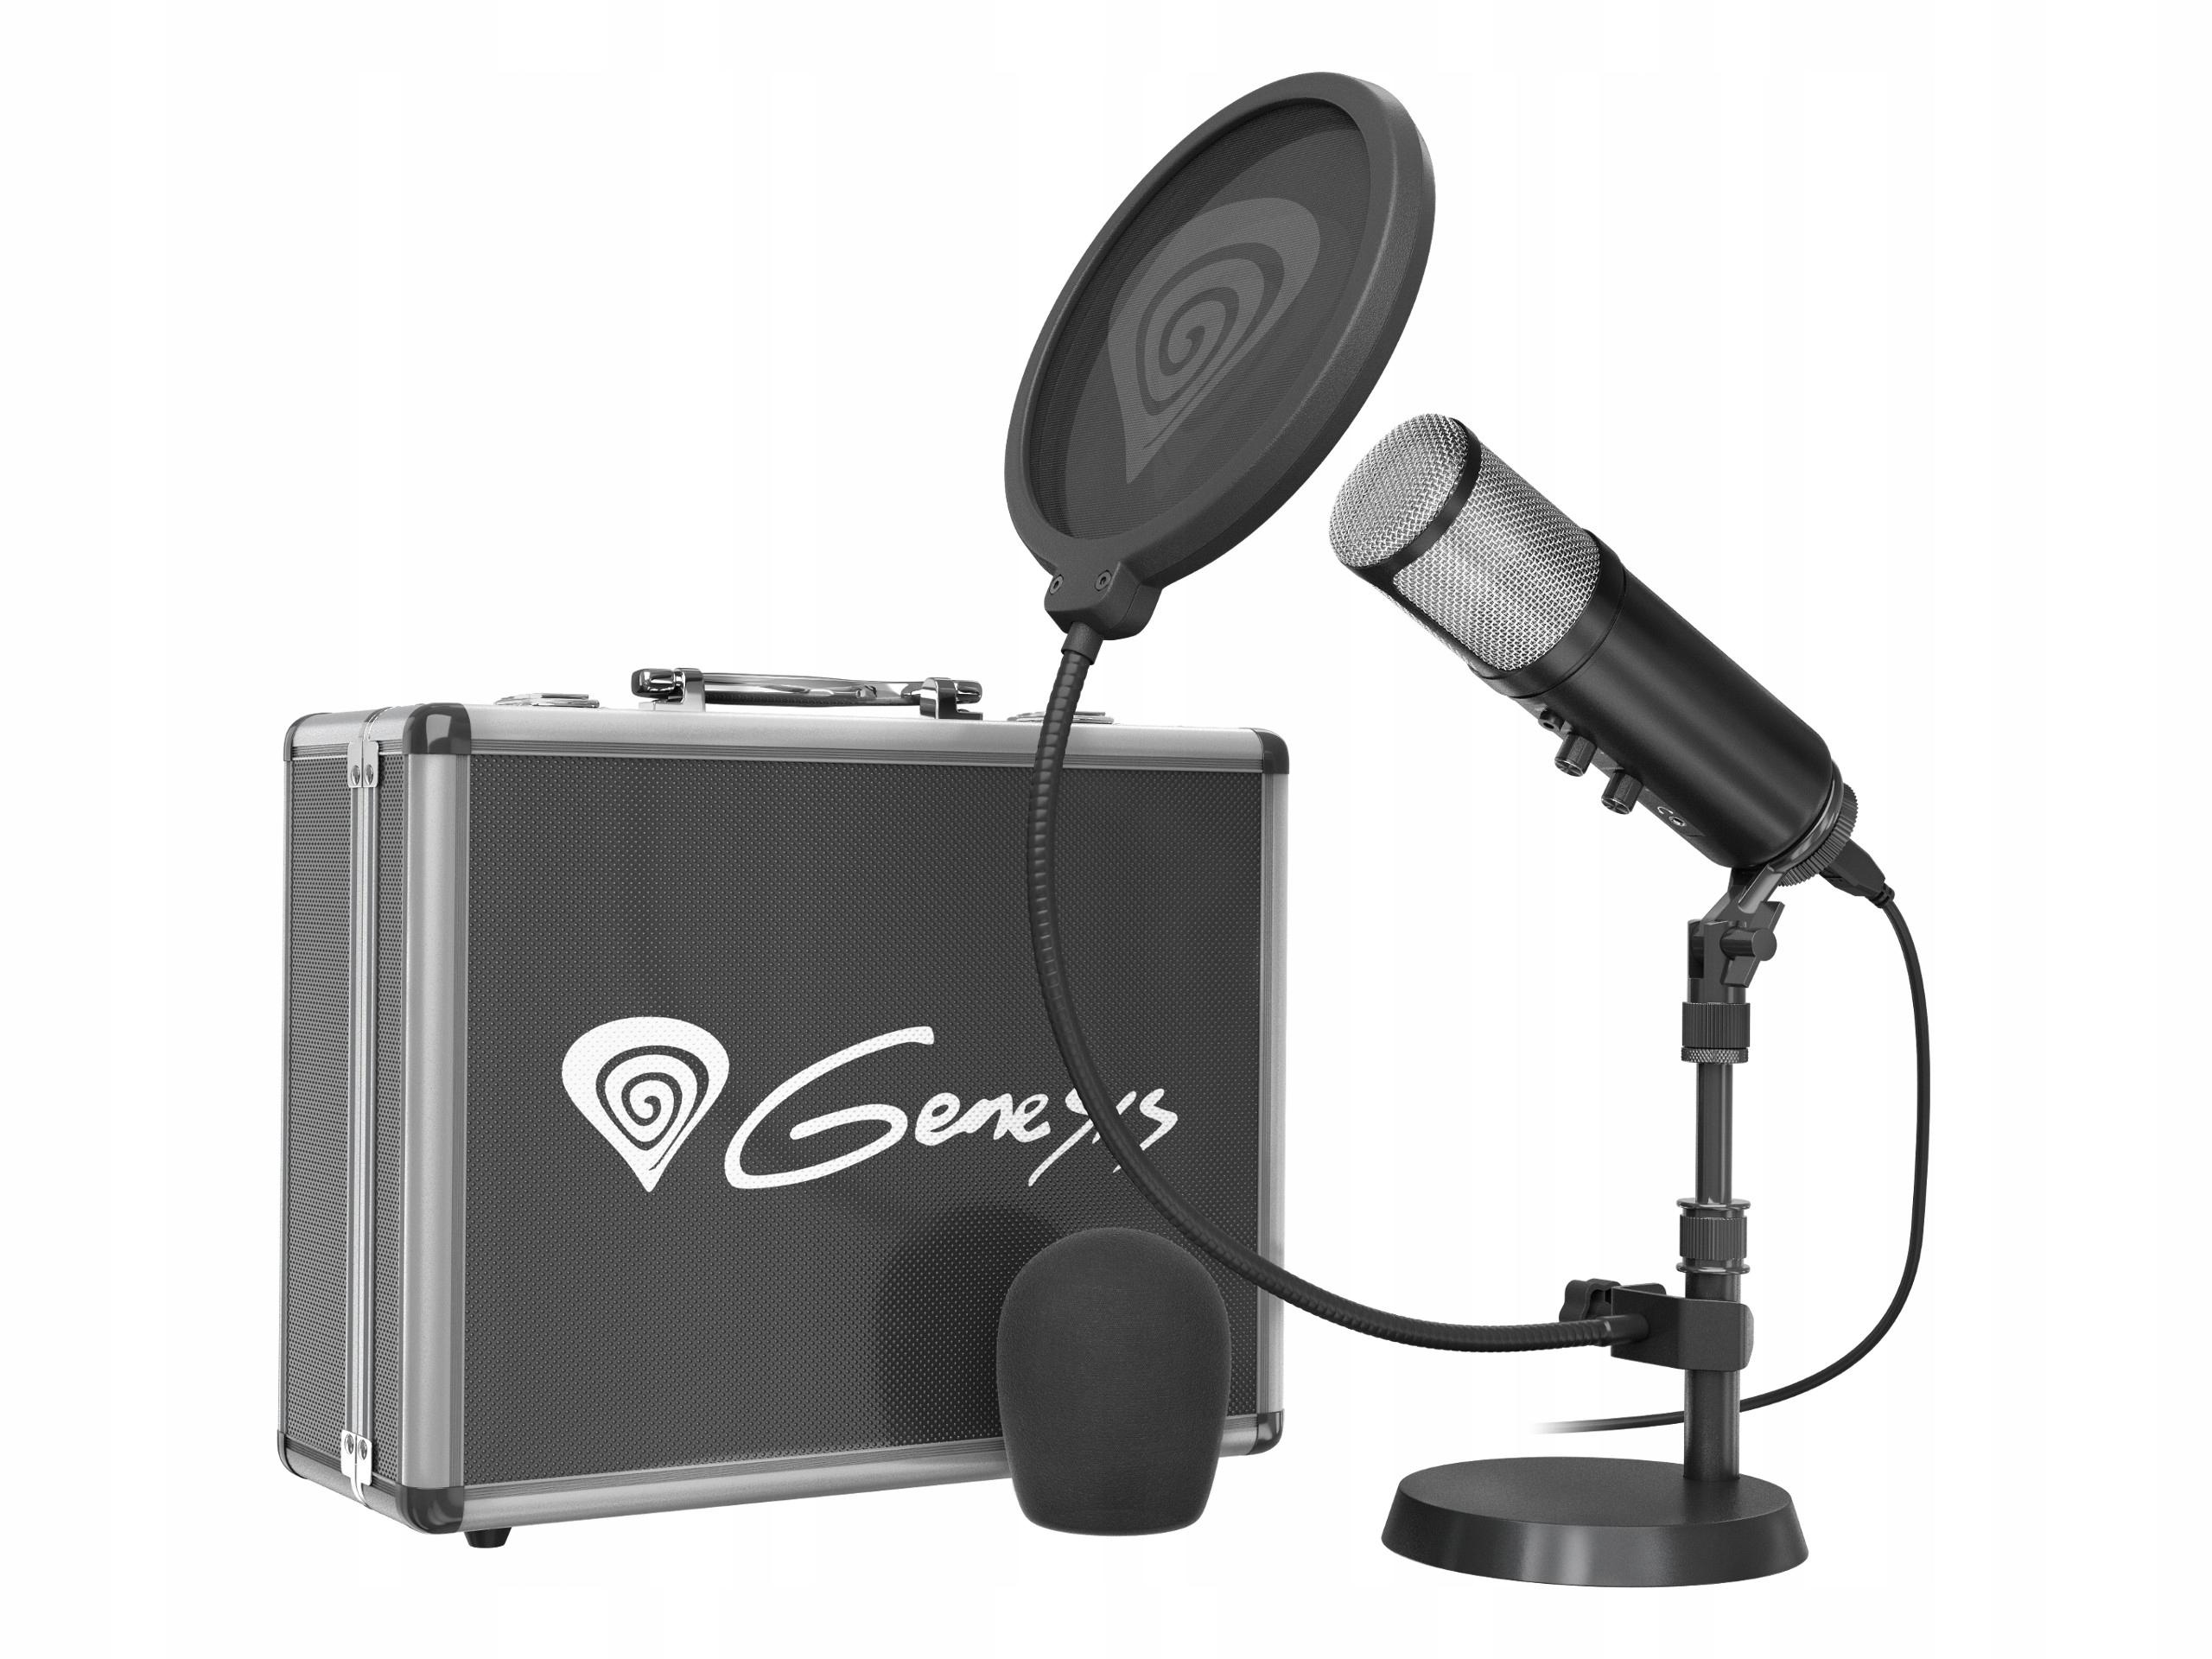 Štúdiový mikrofón Genesis Radium 600 Streamer